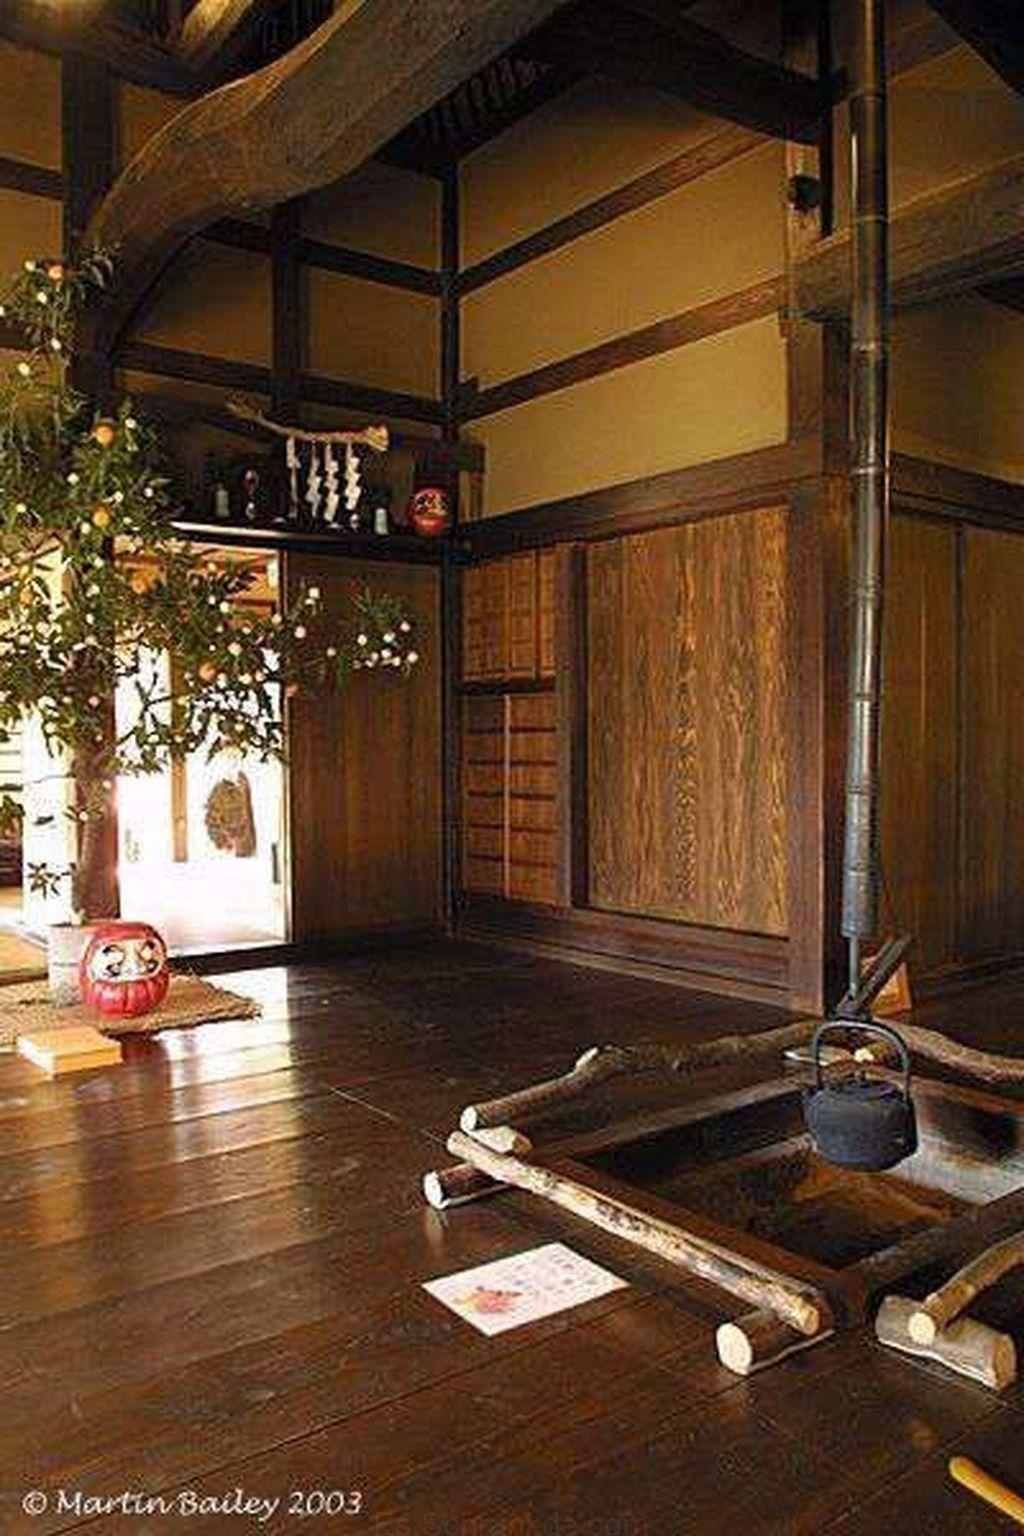 20 Maravilloso Japonés De La Sala De Ideas De Diseño Para Su Hogar